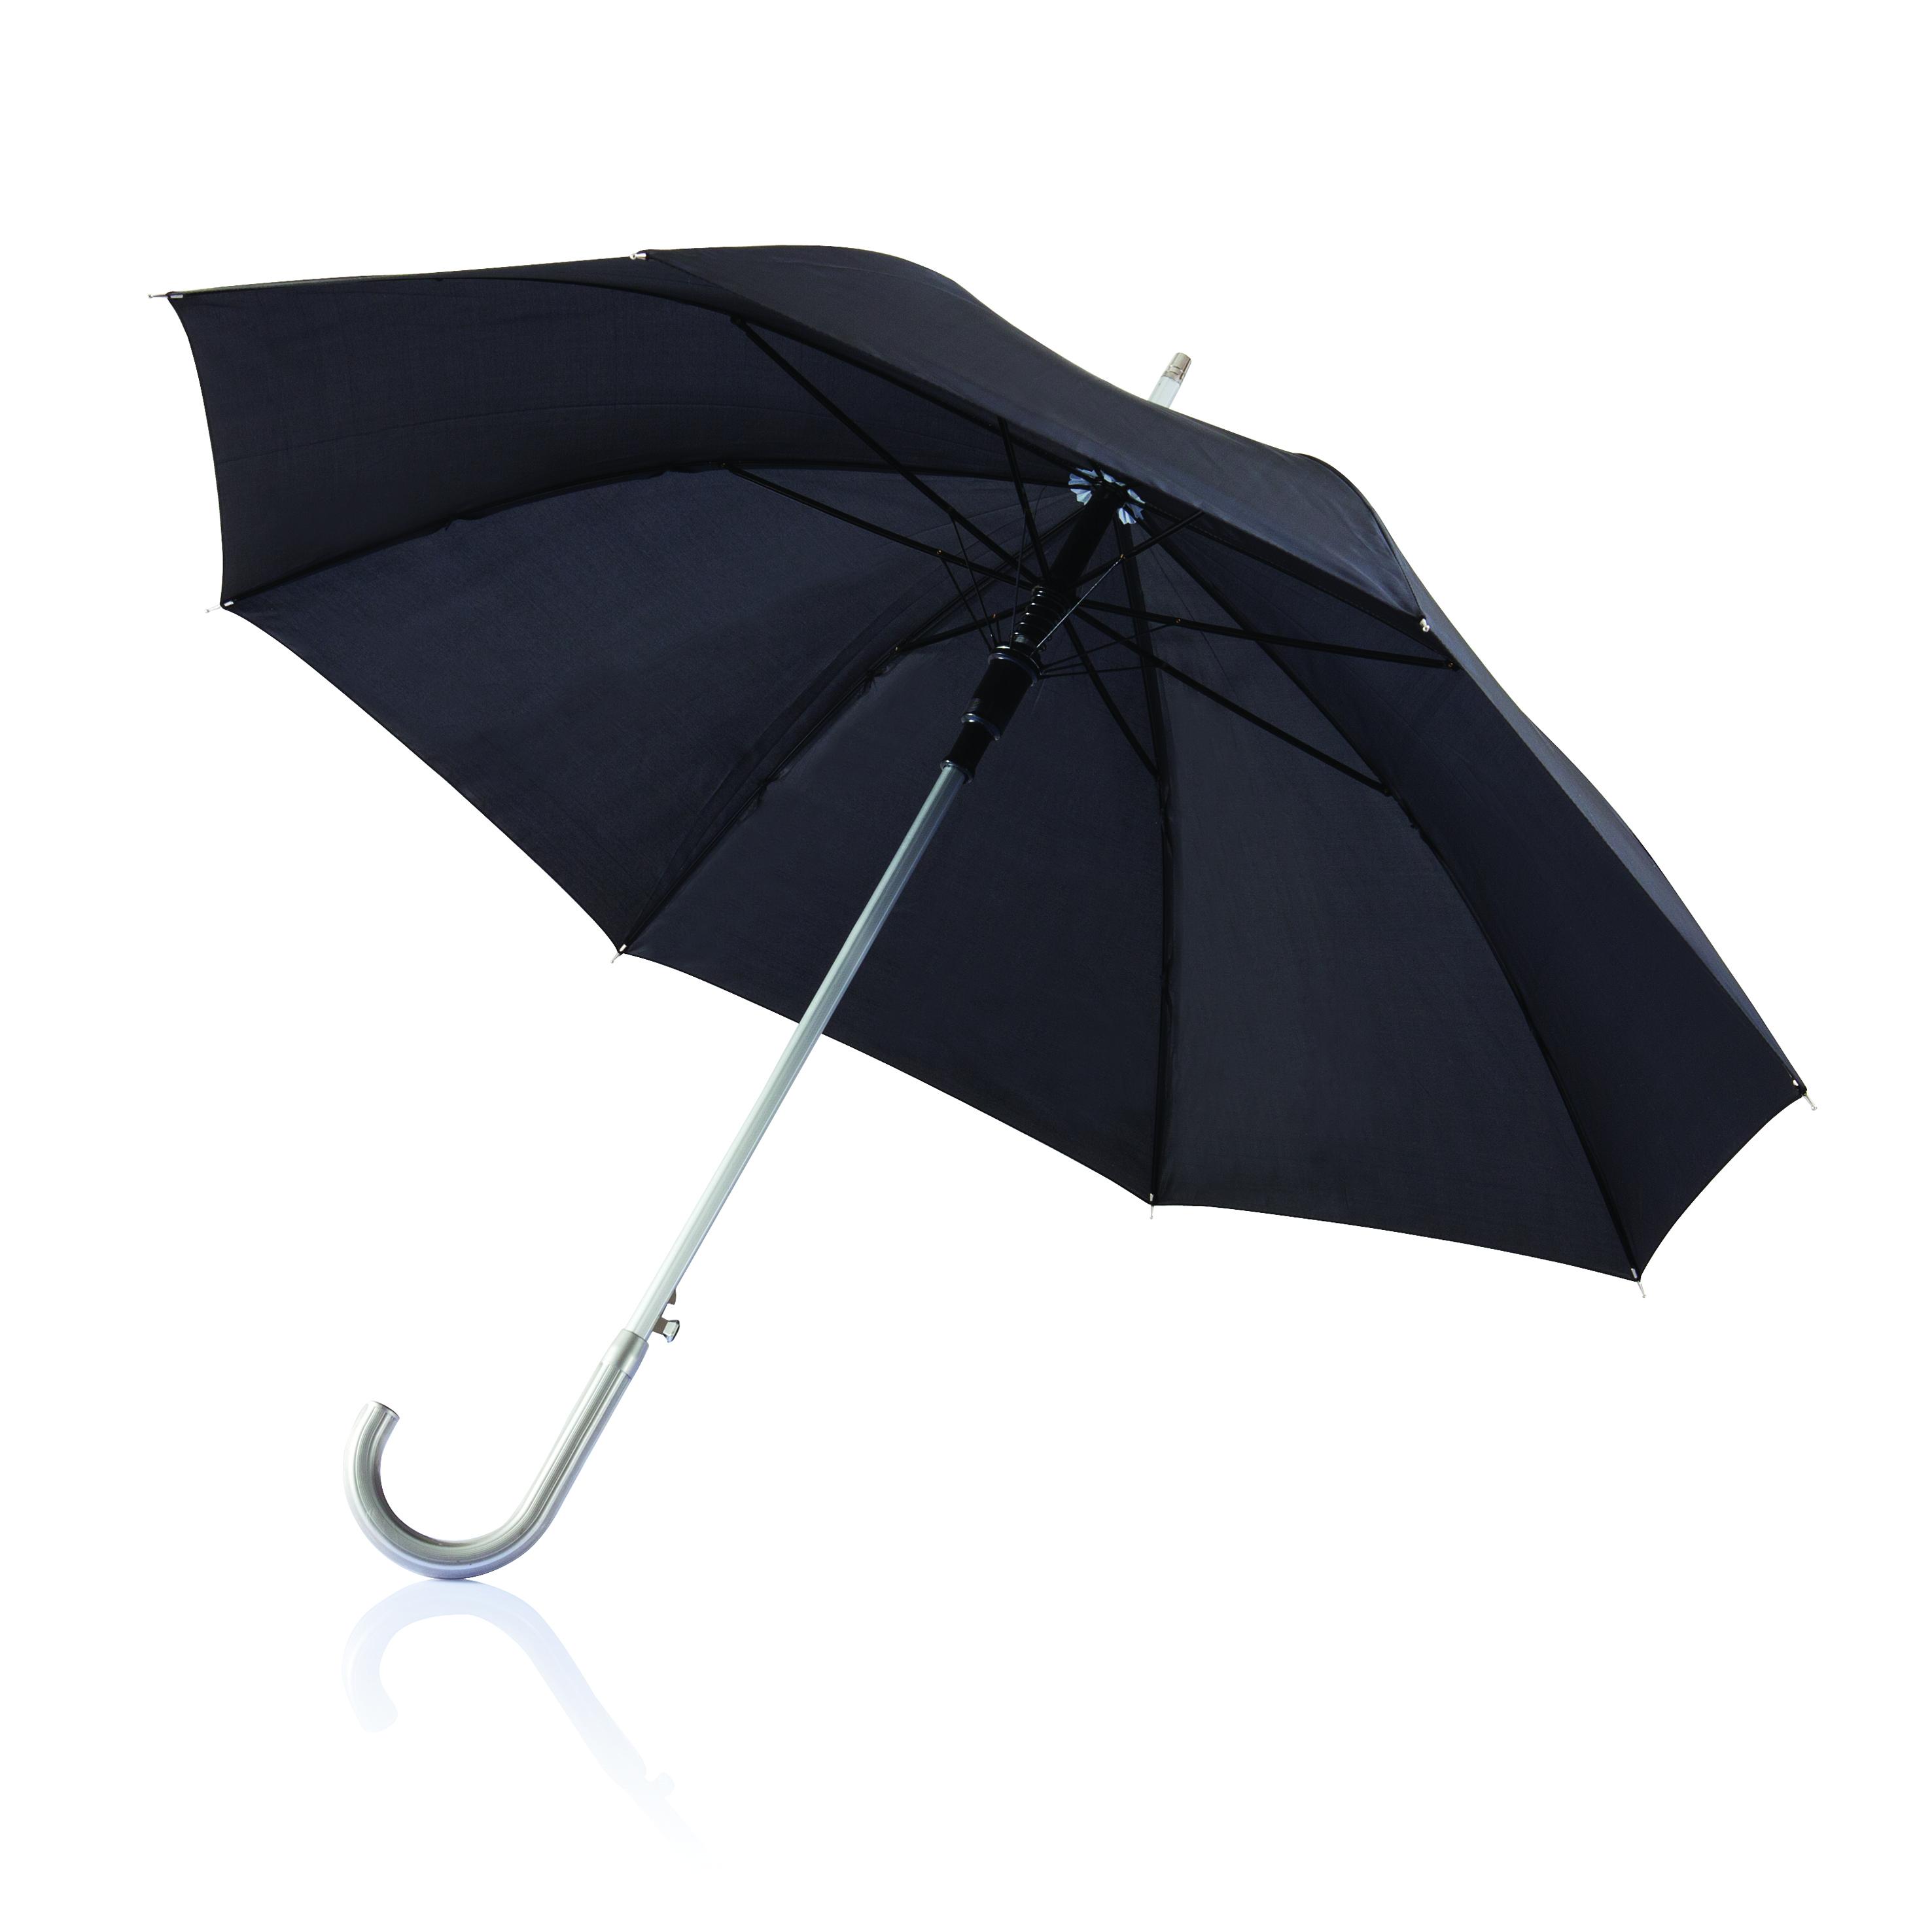 Deluxe 23 Zoll Regenschir ...